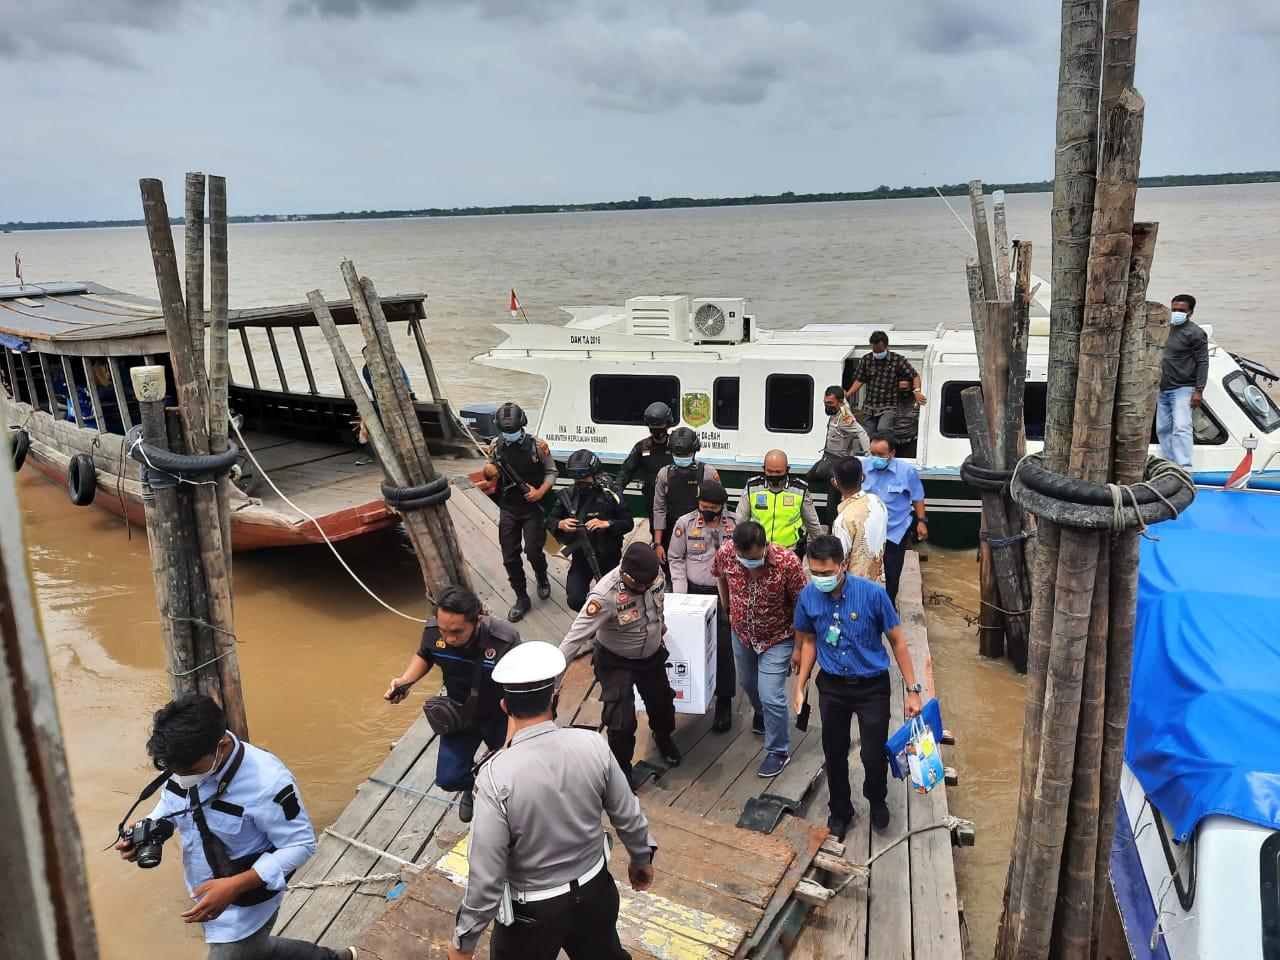 Vaksin Coronavac tiba di Pelabuhan Selatpanjang dan dikawal kepolisian bersenjata lengkap